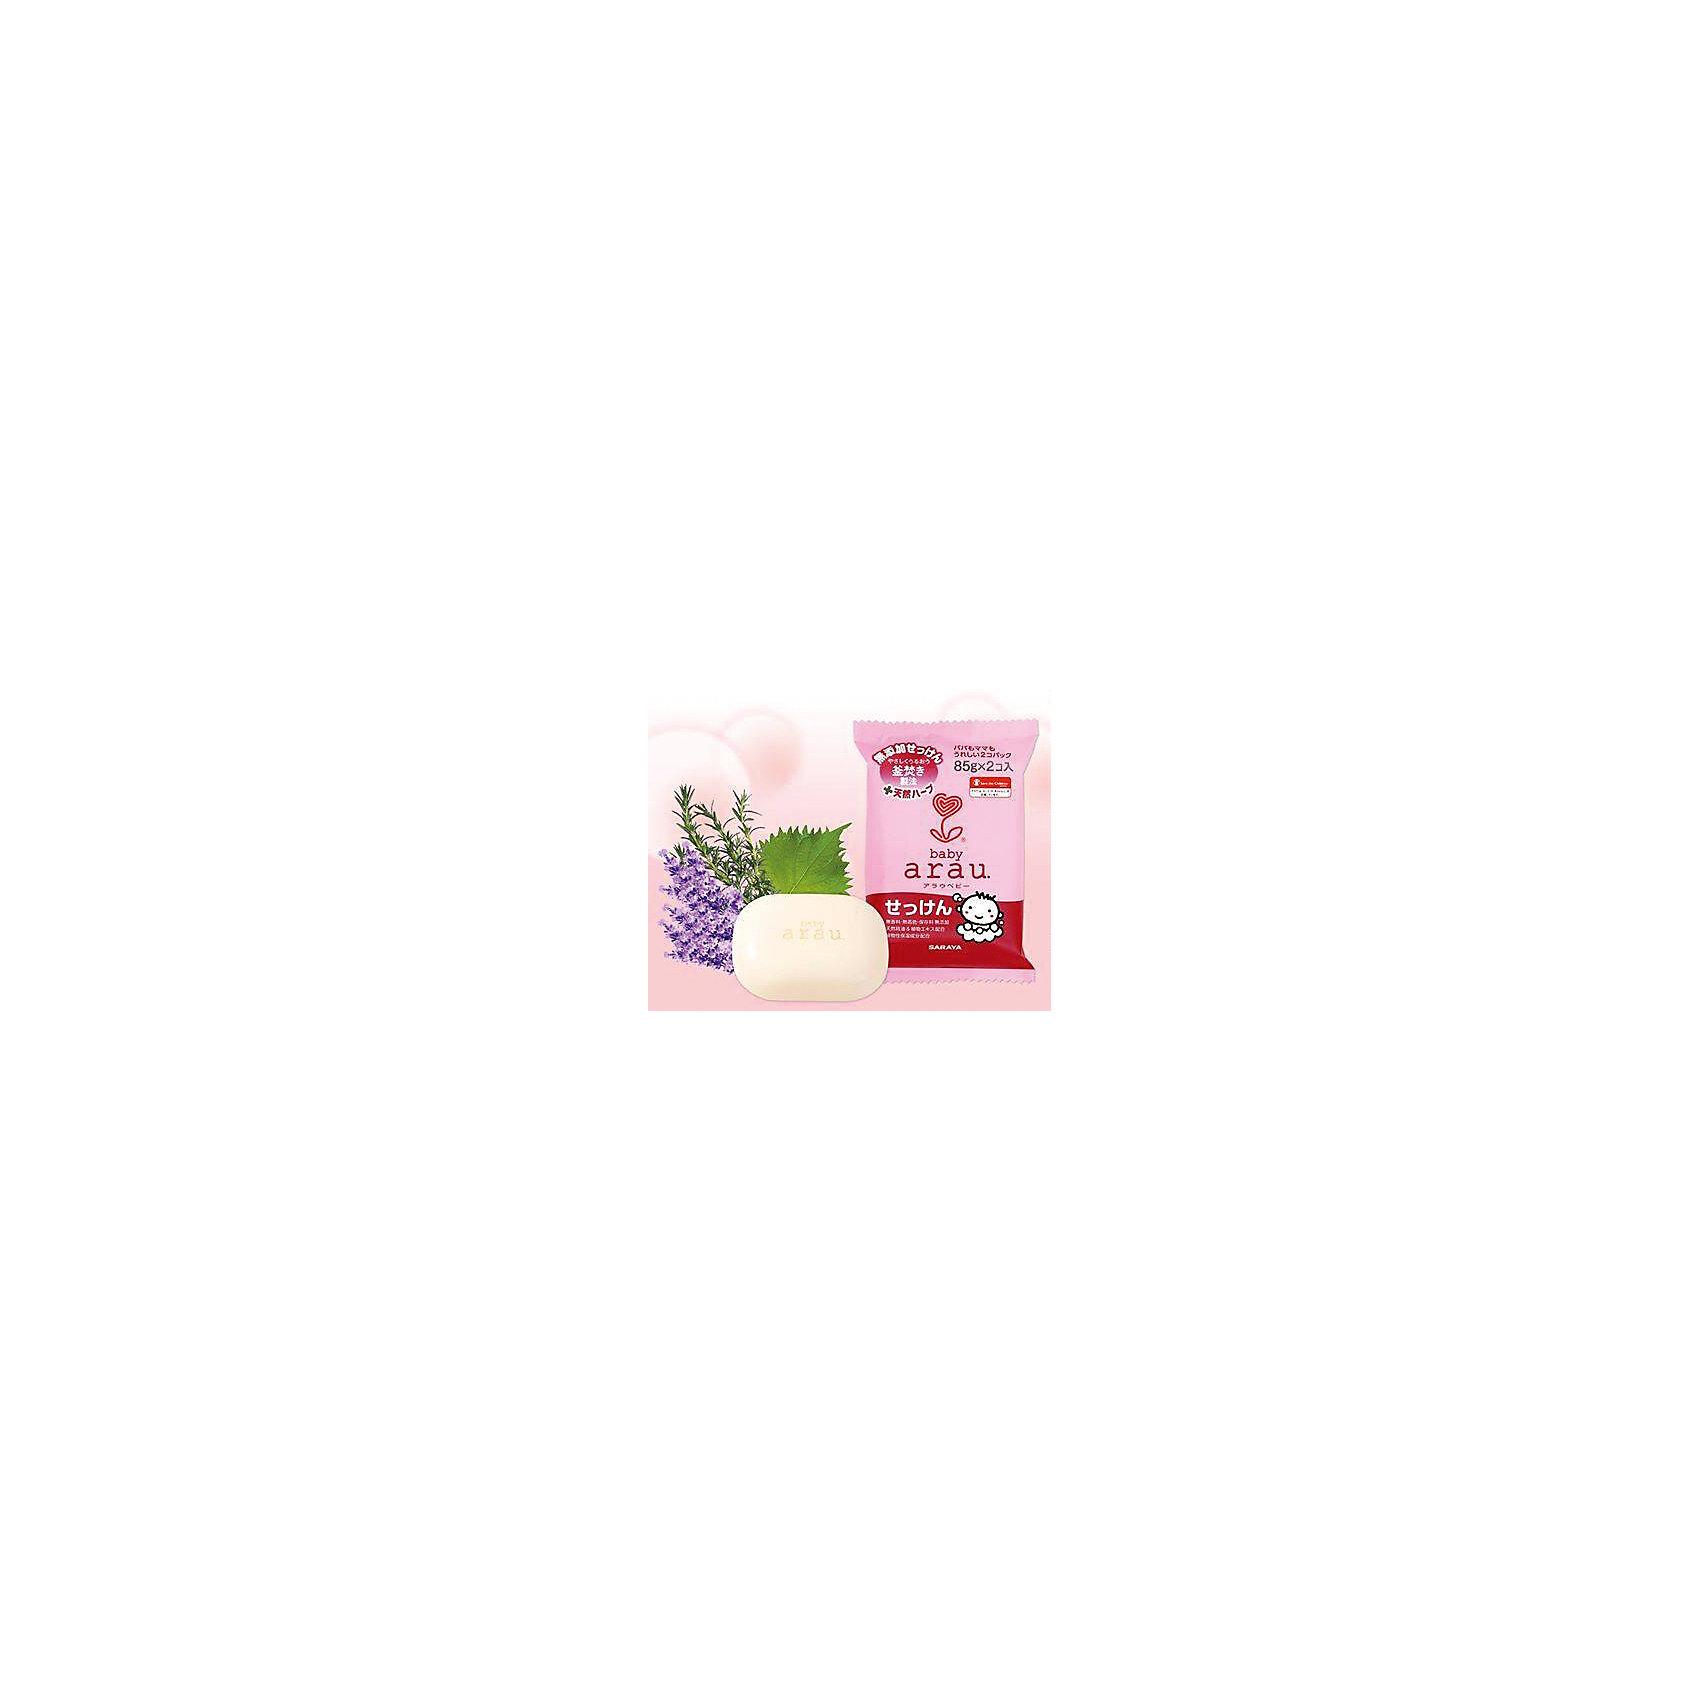 Мыло туалетное для малышей Arau Baby, 85г. , sarayaДетское мыло<br>Мыло туалетное для малышей Arau Baby, 85г. , Saraya<br><br>Характеристики:<br><br>- в набор входит: два кусочка мыла<br>- вес: 170 гр.<br>- состав: натуральная мыльная основа, вода, масло Ши, сквалан, эфирное масло лаванды, экстракт розмарина и листьев периллы, глицерин, бутиленгликоль, токоферол (витамин Е), хлорид натрия.<br>- Страна производитель: Япония<br><br>Выполненное в традиционном стиле мыло включает в себя простые и натуральные травы и ингридиенты. Обильная мыльная пена идеально подходит для ежедневного очищения лица, рук и всего тела.Мыло безопасно и деликатно для мытья ребёнка. Мыло для детей из линии по уходу за телом от японского бренда Аrau Baby (Арау Бейби) поможет добиться самого чистого, и в то же время бережного очищения. Все средства линии Аrau (Арау) оказывают бережное отношение к окружающей среде и разлагается не загрязняя её. <br><br>Природные компоненты состава этого мыла не провоцируют аллергию, формула мыла проверена дерматологами и не провоцирует раздражение. В состав входят натуральное масло лаванды, придающее мылу легкий и ненавязчивый запах, прочие ненатуральные ароматизаторы в формулу мыла не входят. Эффекты экстрактов и масел обеспечивают комплексное очищение кожи и легкое осветление. <br><br>В состав мыла не входят красители. Благодаря экстрактам из состава мыло обладает противовоспалительным и антибактериальным эффектом. Вы полюбите мыться вместе с Аrau Baby (Арау Бейби)!<br><br>Мыло туалетное для малышей Arau Baby, 85г. , Saraya можно купить в нашем интернет-магазине.<br><br>Ширина мм: 480<br>Глубина мм: 245<br>Высота мм: 110<br>Вес г: 85<br>Возраст от месяцев: 0<br>Возраст до месяцев: 36<br>Пол: Унисекс<br>Возраст: Детский<br>SKU: 5397365